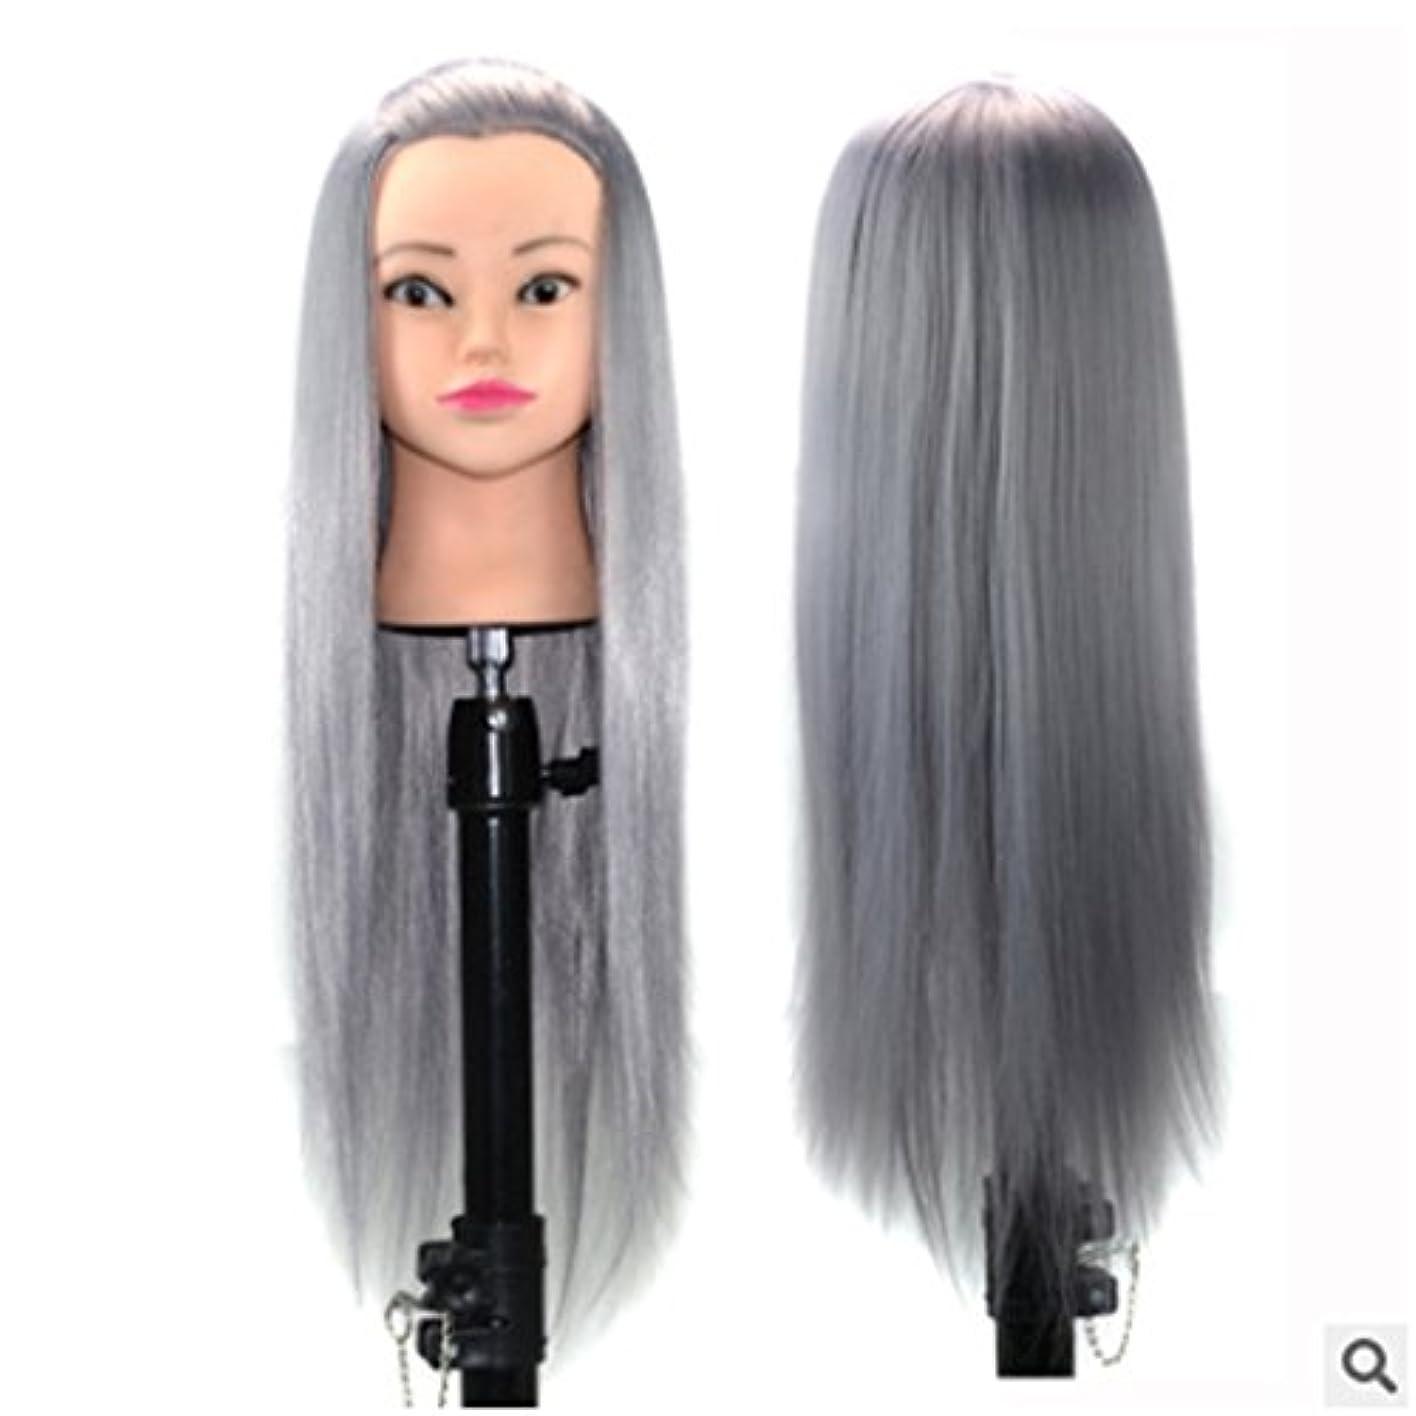 折り目文明化する外観JIANFU メイク修理またはウィッグヘッドとブラケットティーチングヘッドを含む60cmのウィッグヘッドをカットして髪を編む練習用ディスク (Color : Grandma ash)